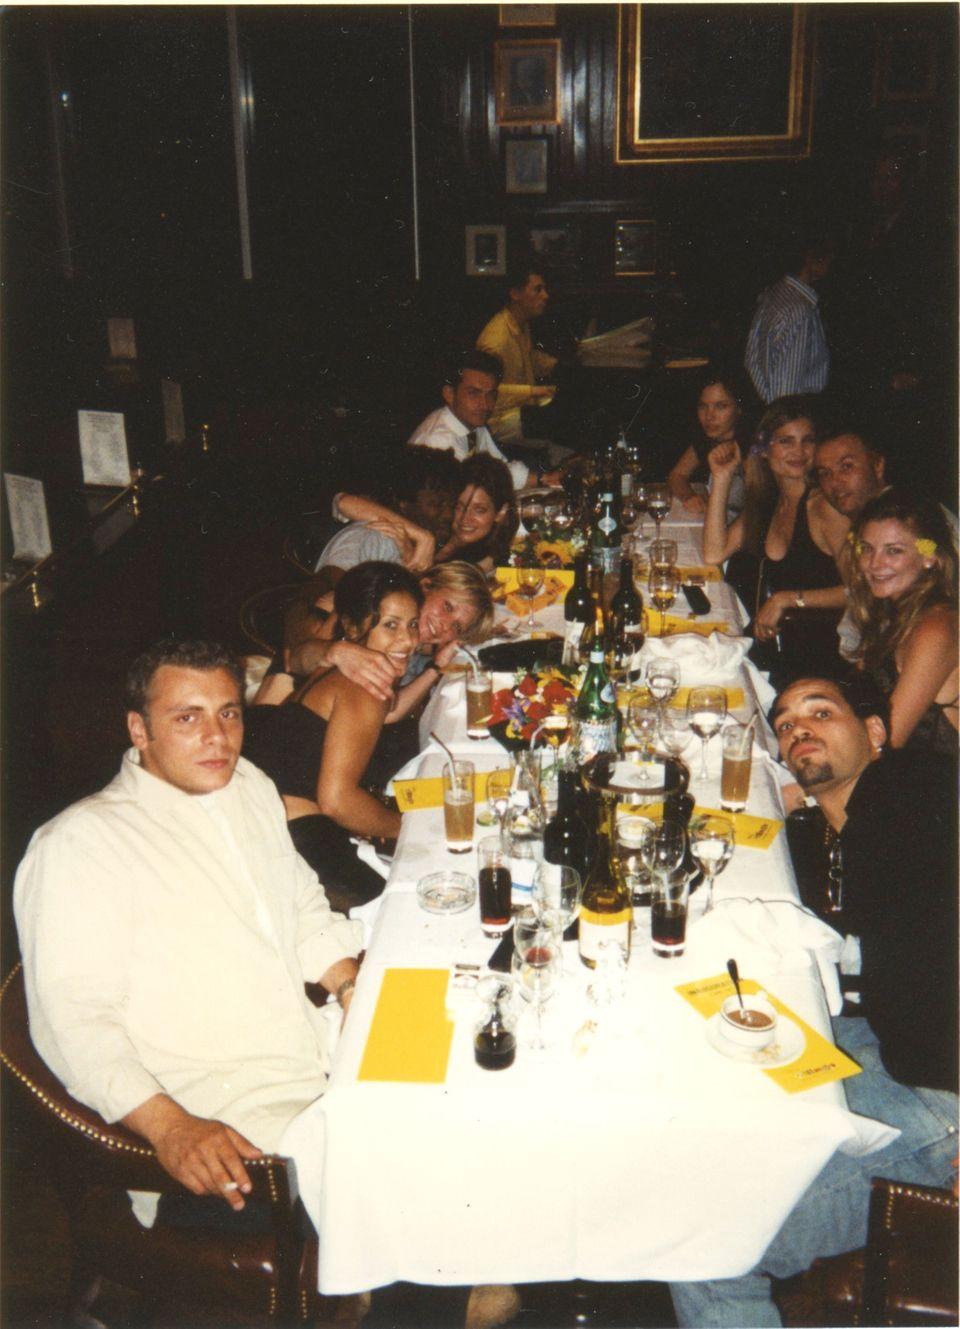 """Im Juni 1997 arbeitete Swantje Schneemann-Alston als Model in Paris. Dort lernte sie den Schauspieler bei einem Dinner kennen (das Foto schoss damals Leonardo DiCaprio). Der Hollywood-Star drehte außerhalb der Stadt den Film """"Der Mann in der eisernen Maske"""" - und war sehr angetan von der damals 22-jährigen Norddeutschen."""